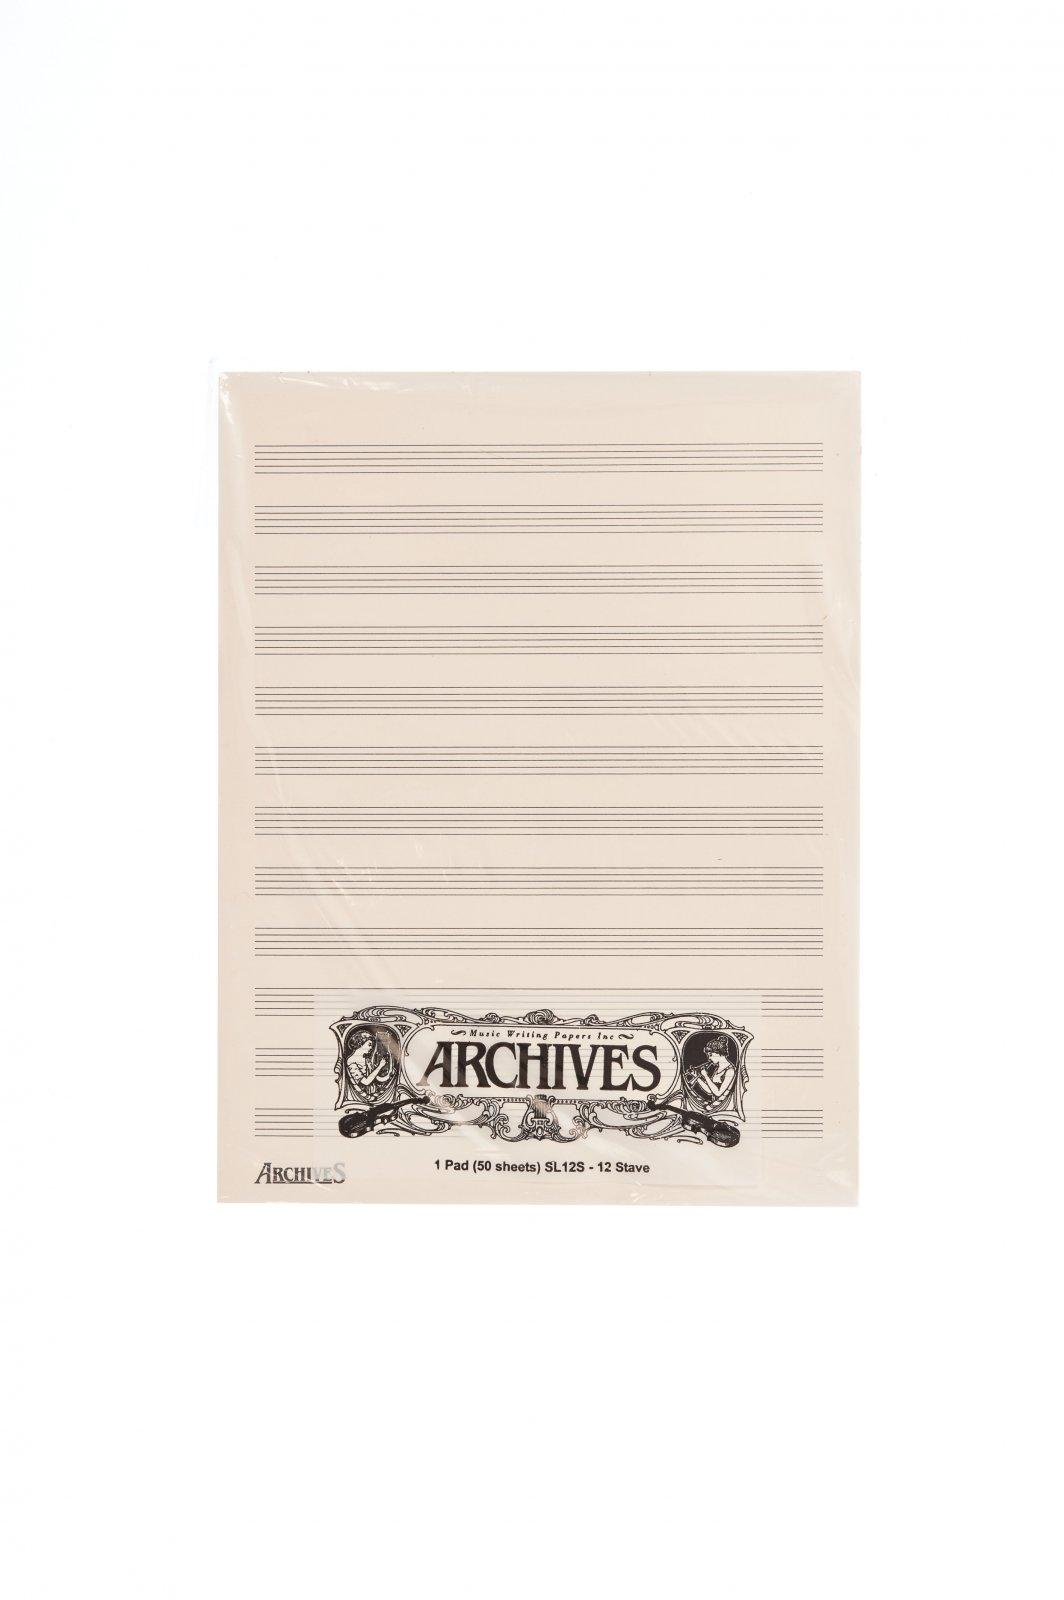 Archives Manuscript Score Pads, 12 Stave, 50 Sheets